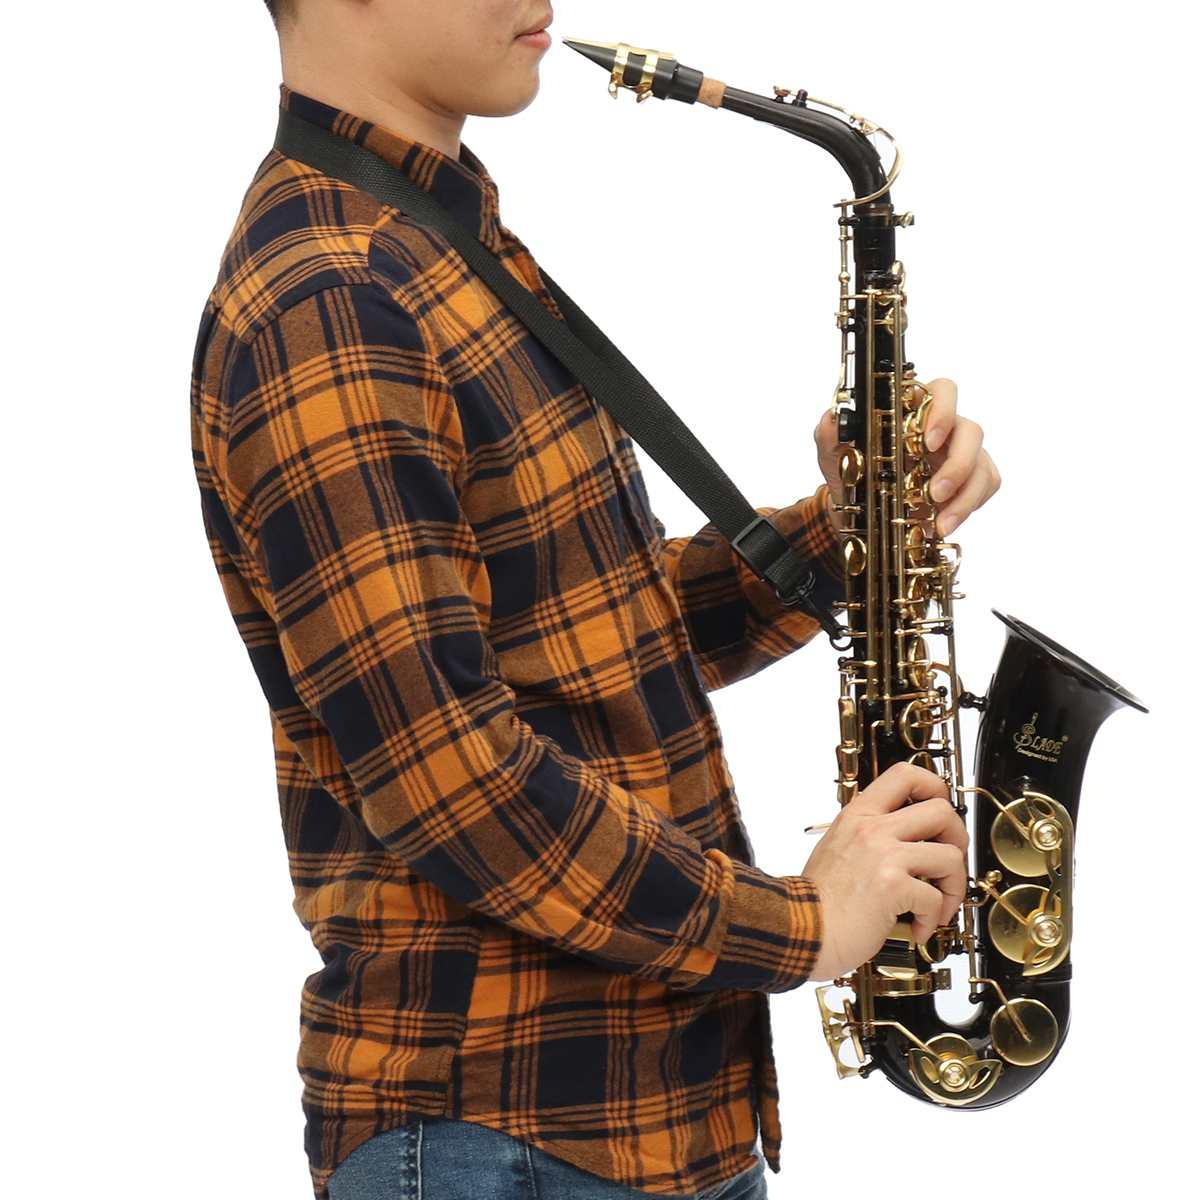 Corps de tube en laiton laqué or Sax E Saxophone Alto plat Abalone shell bouton professionnel pur ton Eb pour le jeu de la saint-valentin